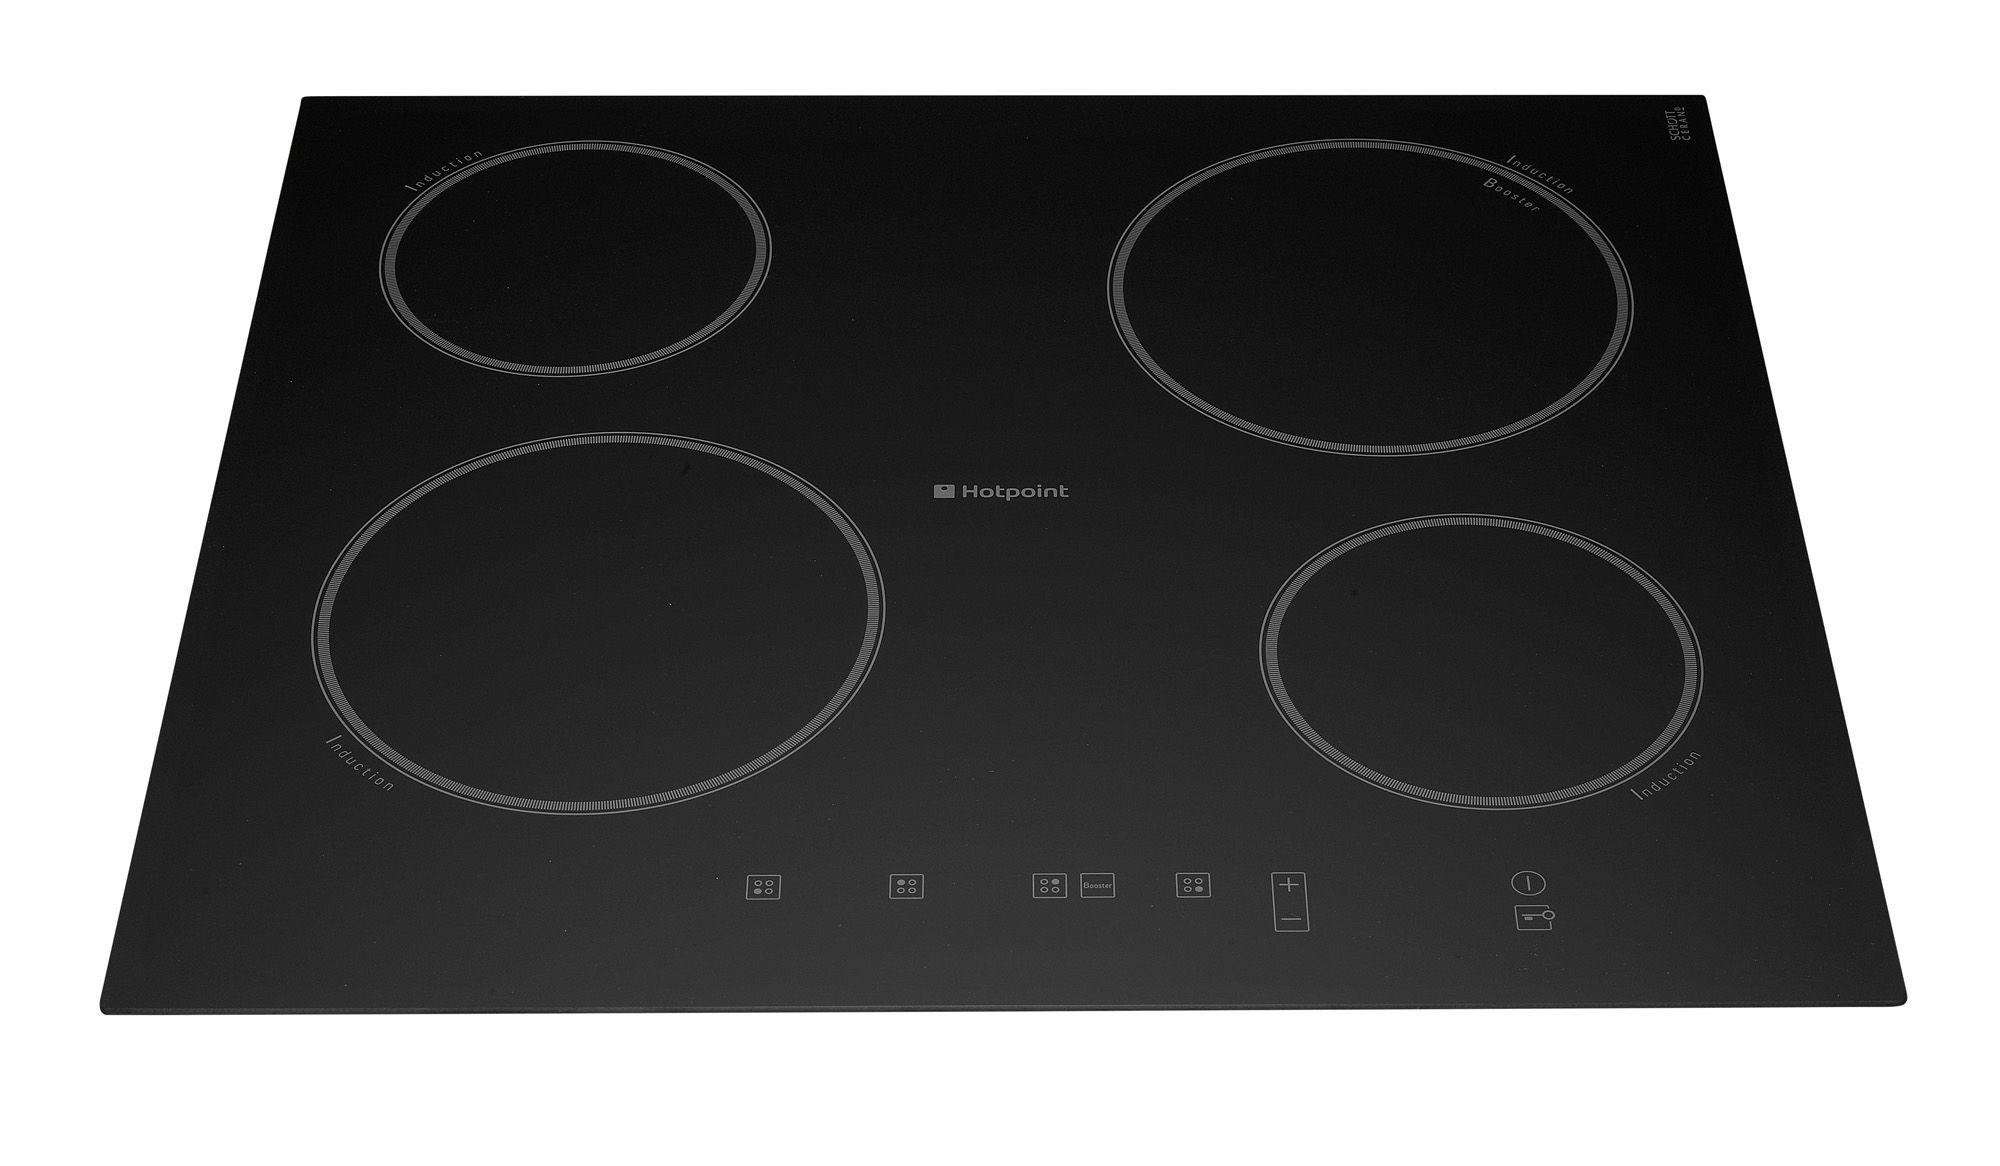 hotpoint 4 burner black ceramic electric induction hob. Black Bedroom Furniture Sets. Home Design Ideas